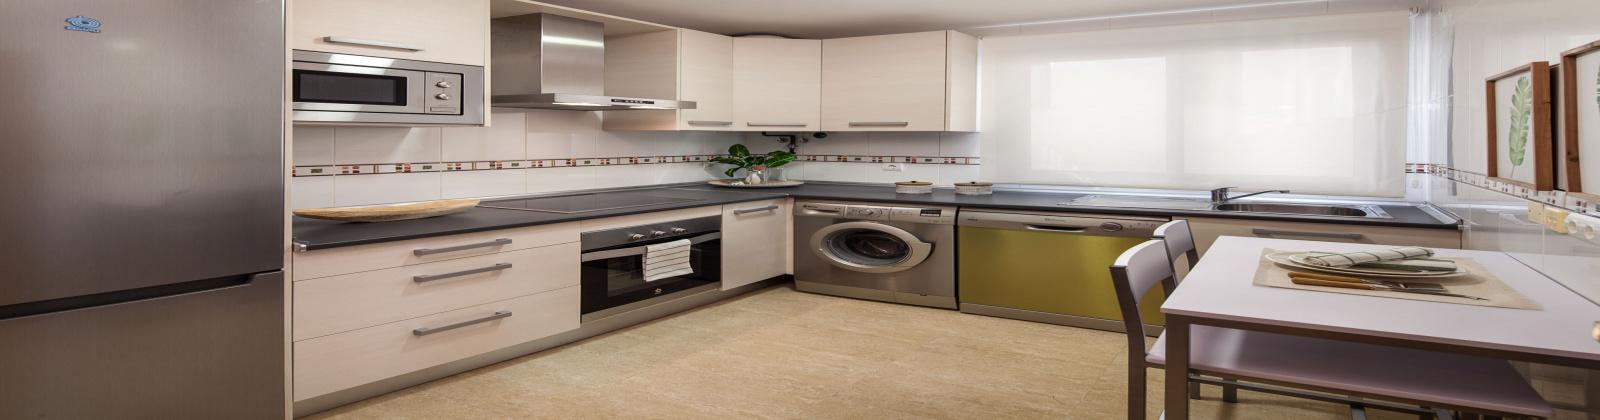 calle Germanos 8, Roquetas de Mar, Almería 04720, 3 Habitaciones Habitaciones, ,2 BathroomsBathrooms,Viviendas,En venta,Edificio Aguamarina,calle Germanos,1012